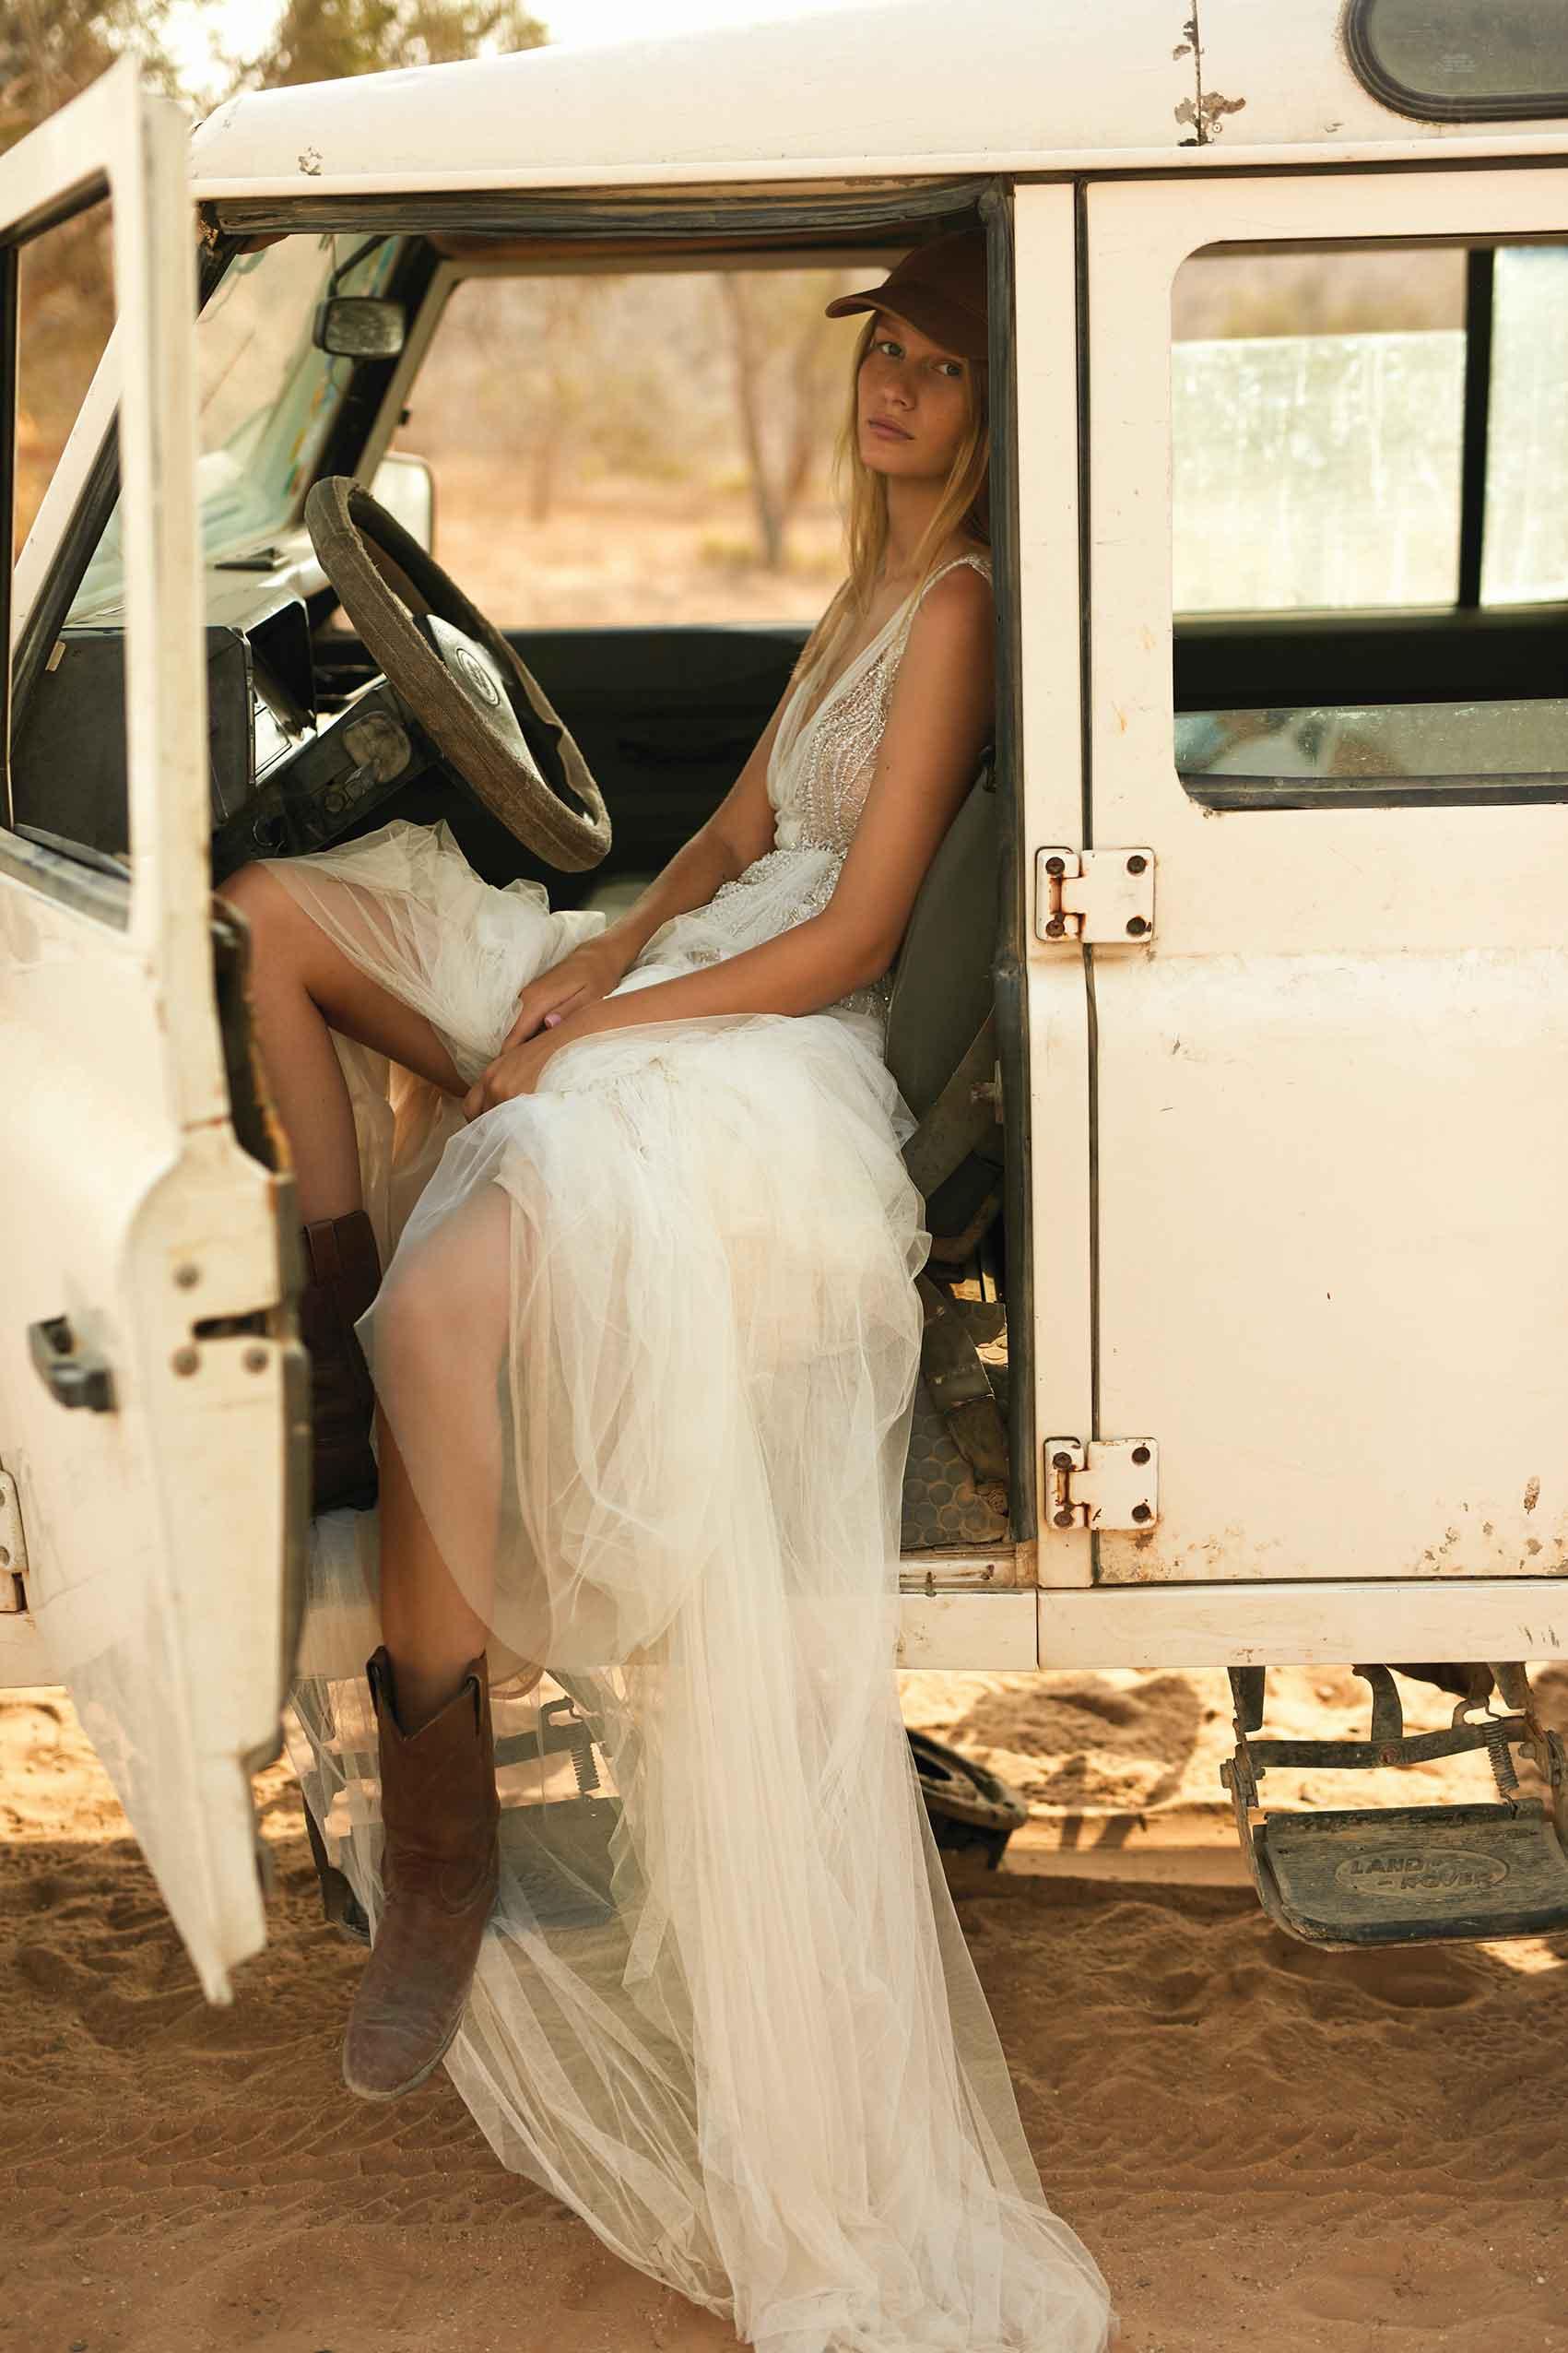 סופיה_מצטנר_ליז_מרטינז_שמלות_כלה_2021_כתבות_אופנה